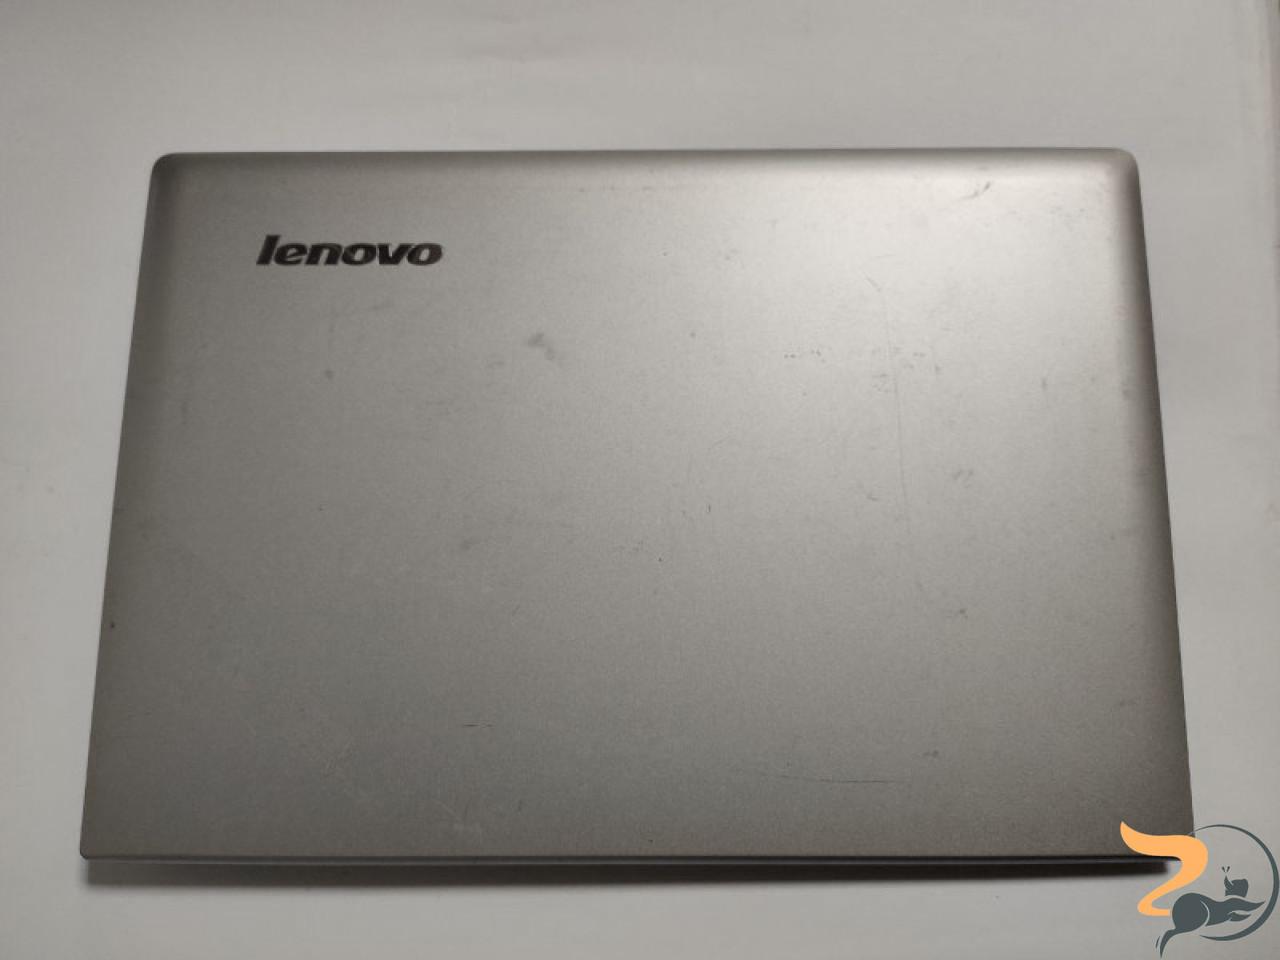 """Кришка матриці для ноутбука для ноутбука Lenovo IdeaPad Z50-75, 15.6"""", AP0TH000180, б/в. Всі кріплення цілі. Зламані кутики (фото) та заглушка"""